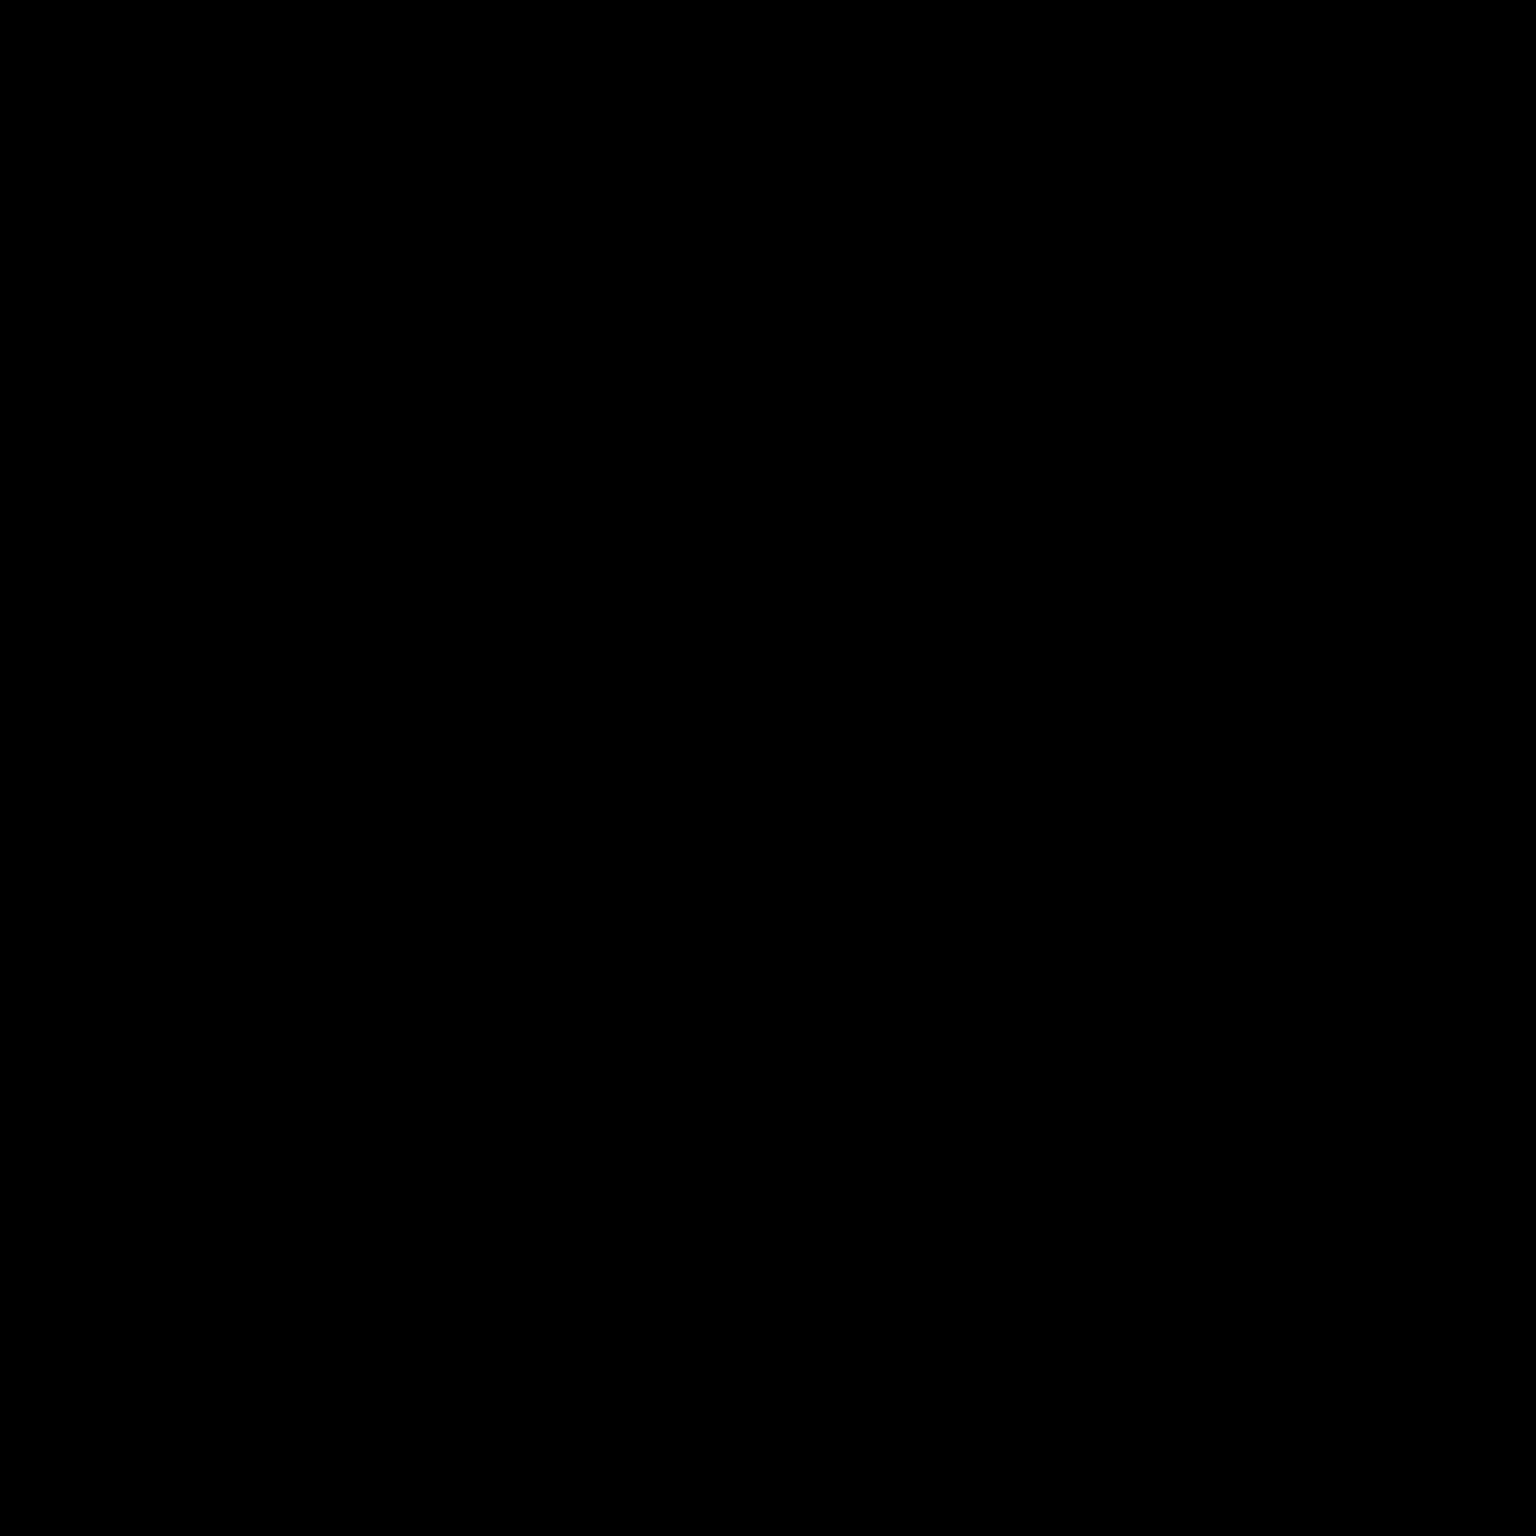 AYTM Candle Holder